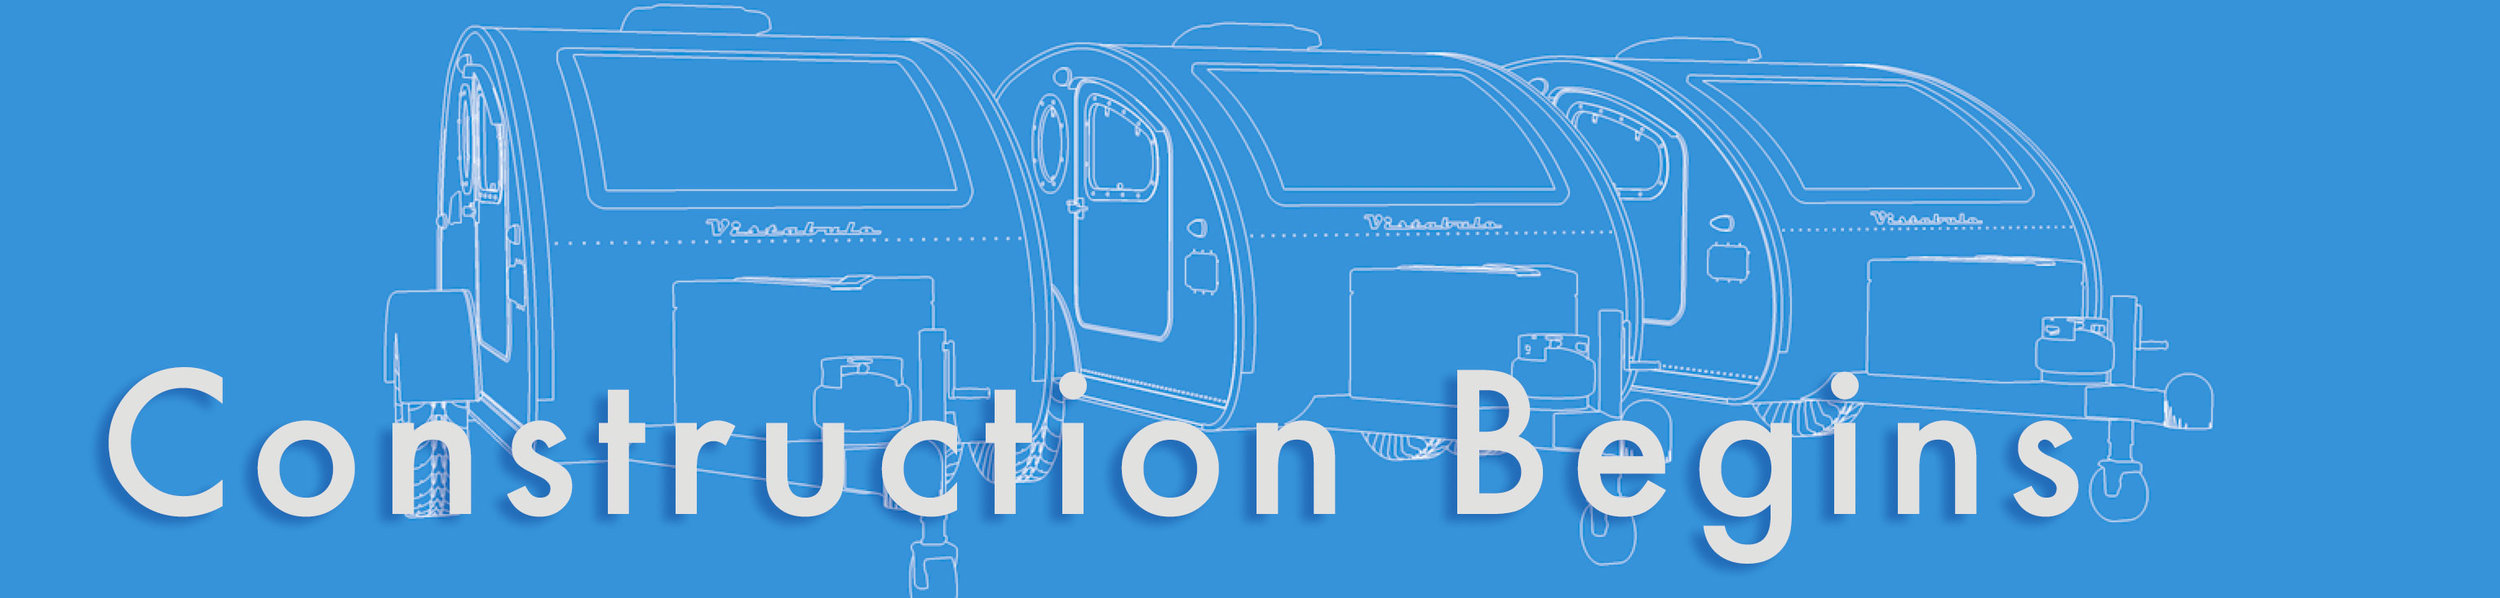 construction-1-header-blue.jpg